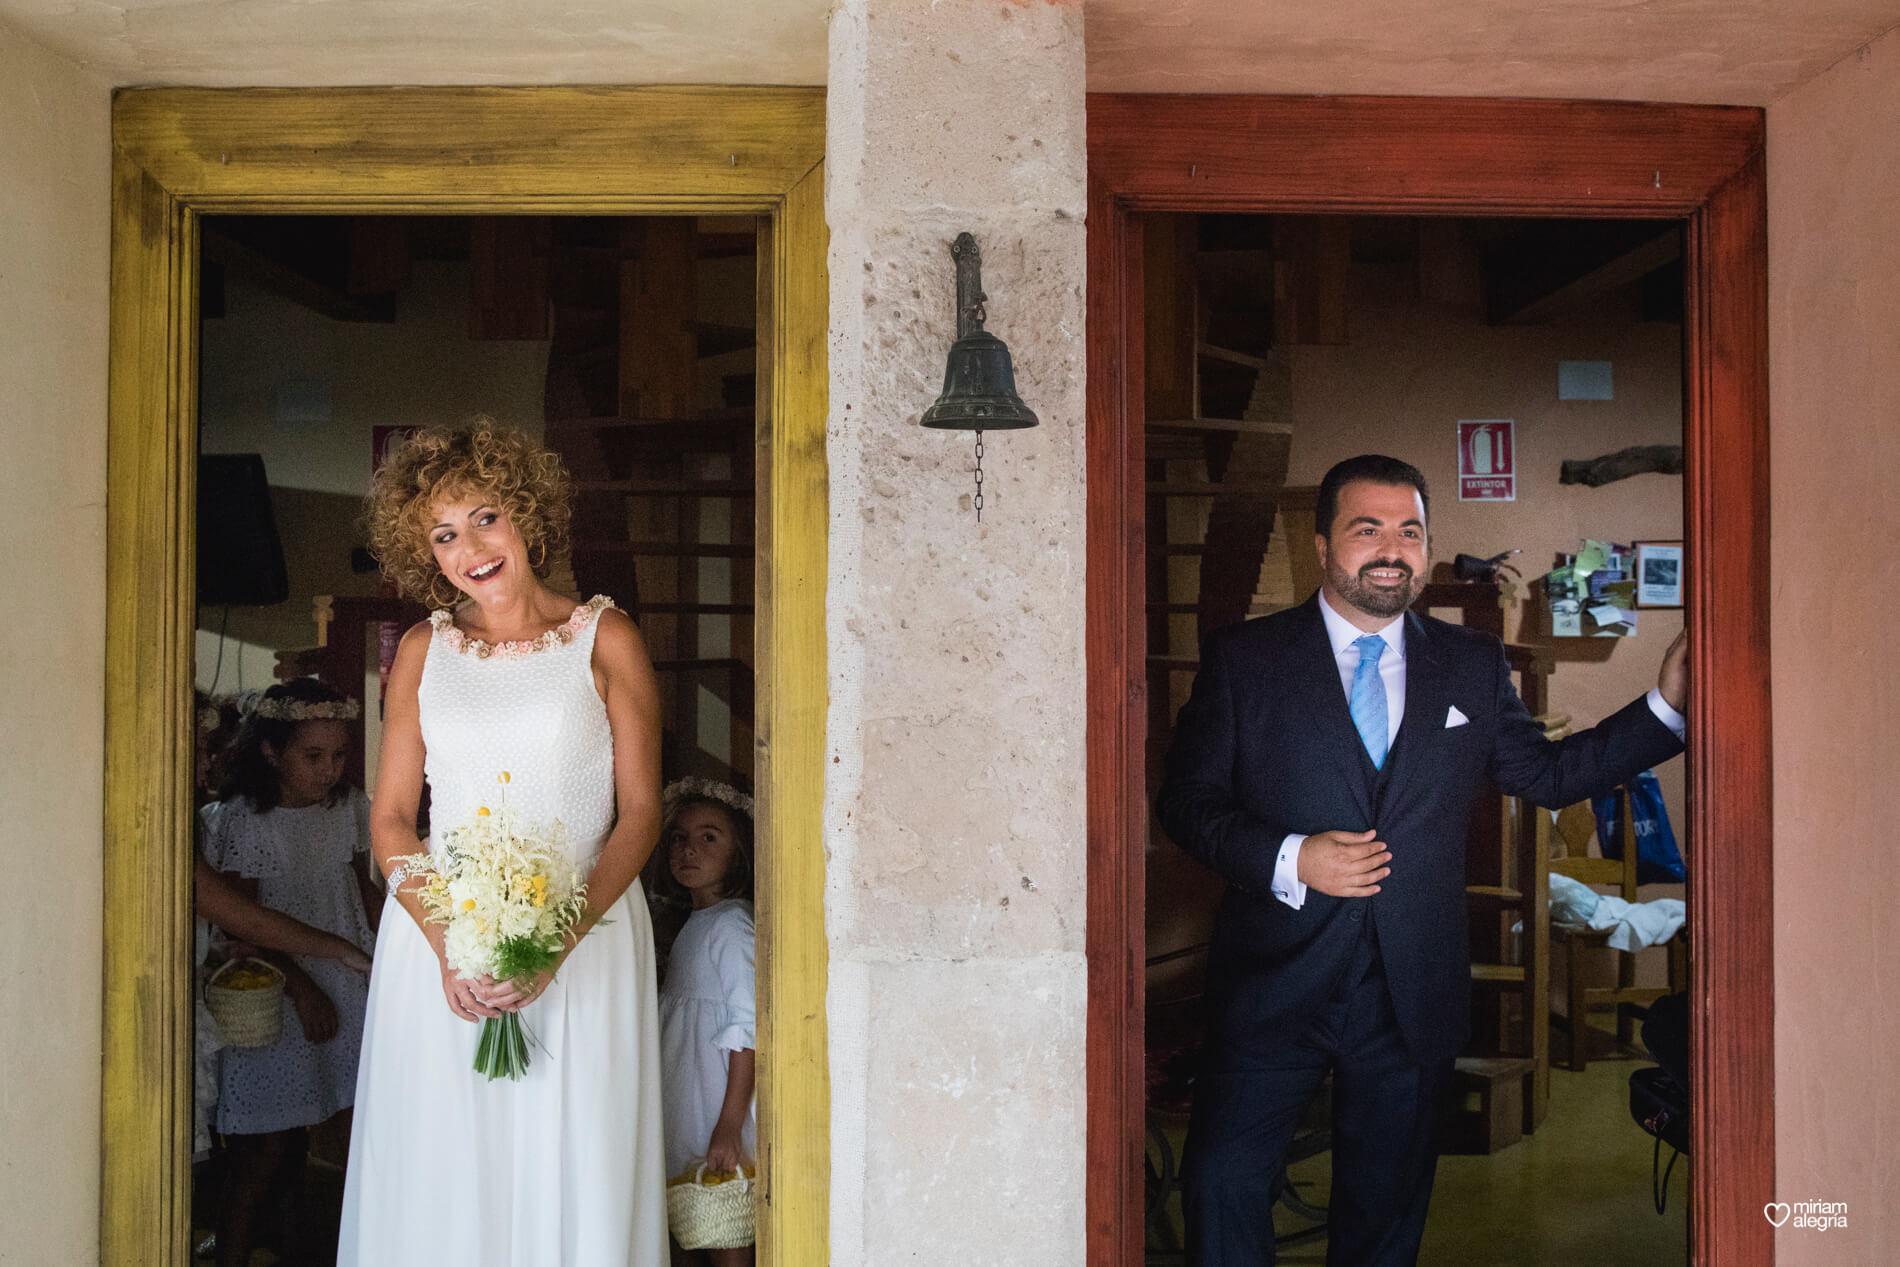 boda-en-finca-la-carrasca-miriam-alegria-32